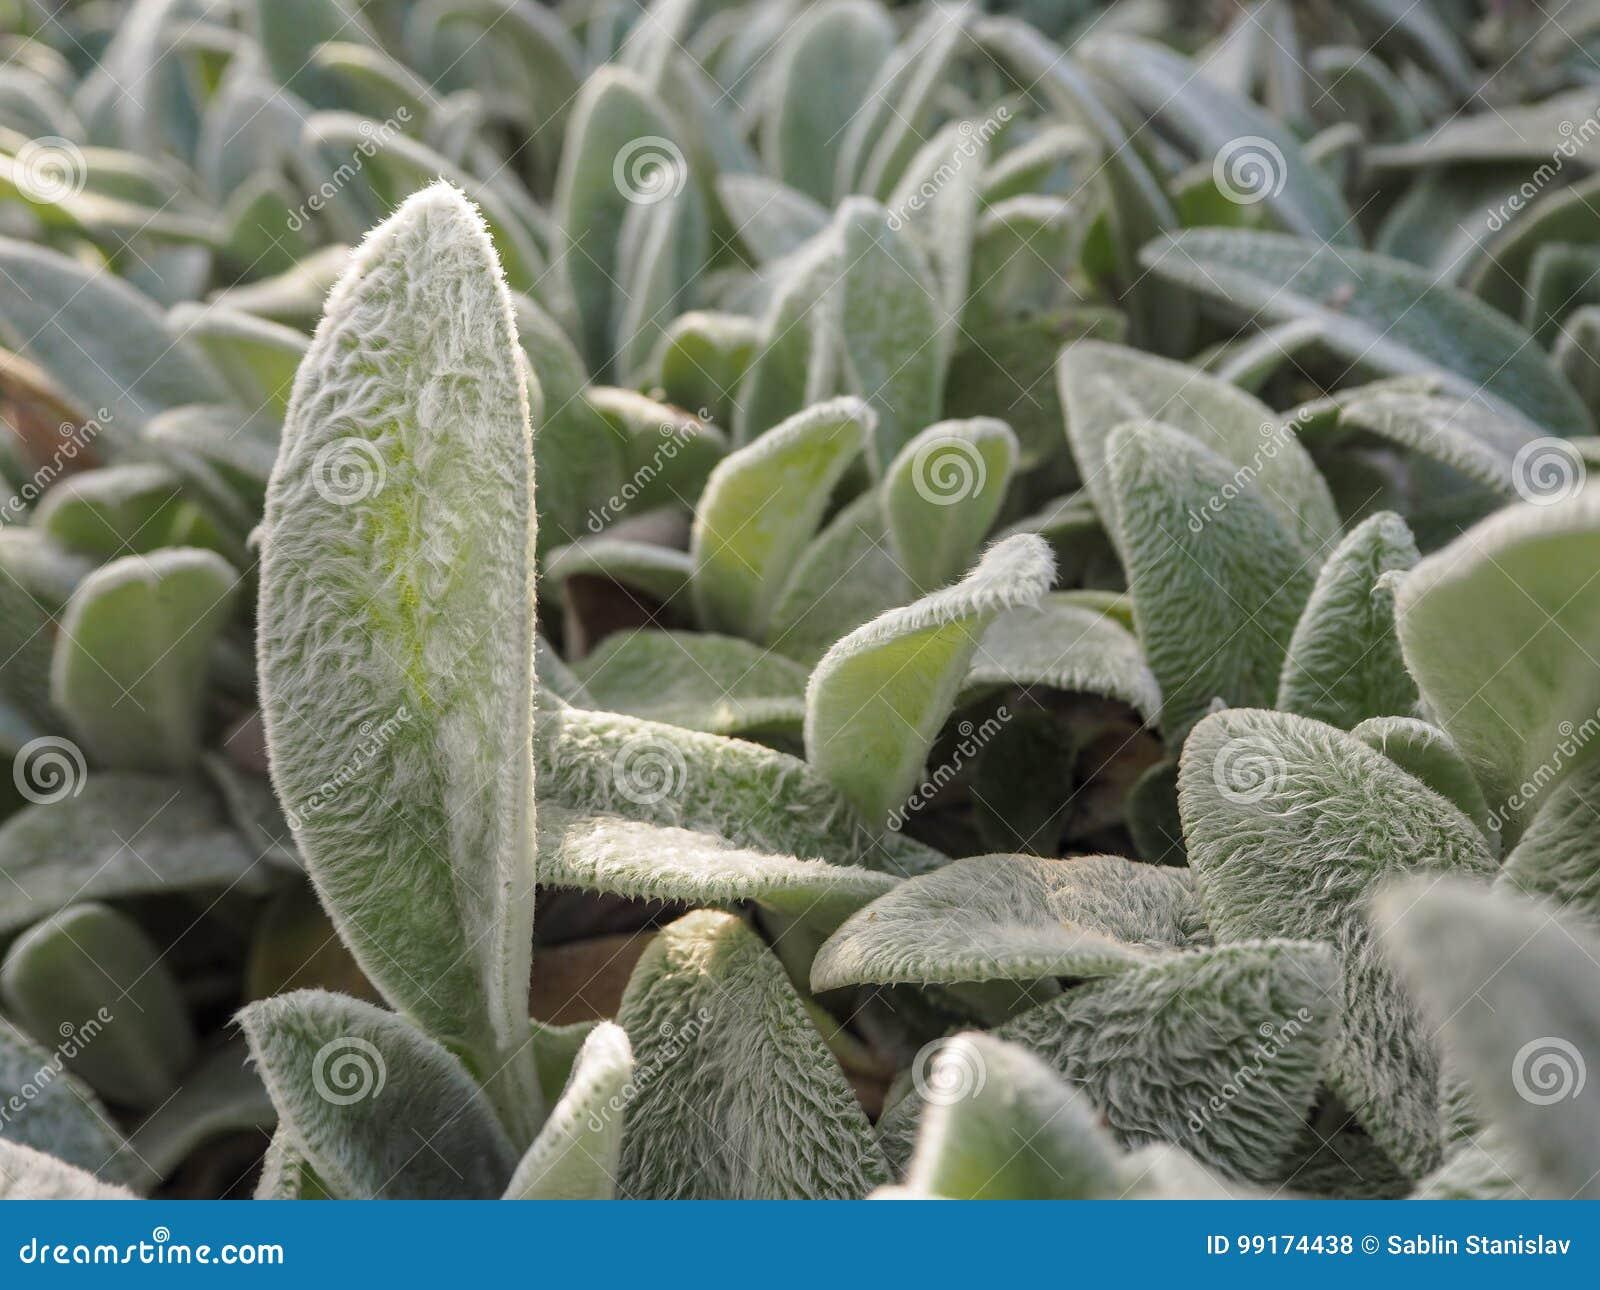 Pianta Orecchie Di Agnello stachys il contesto naturale dello stachys delle piante